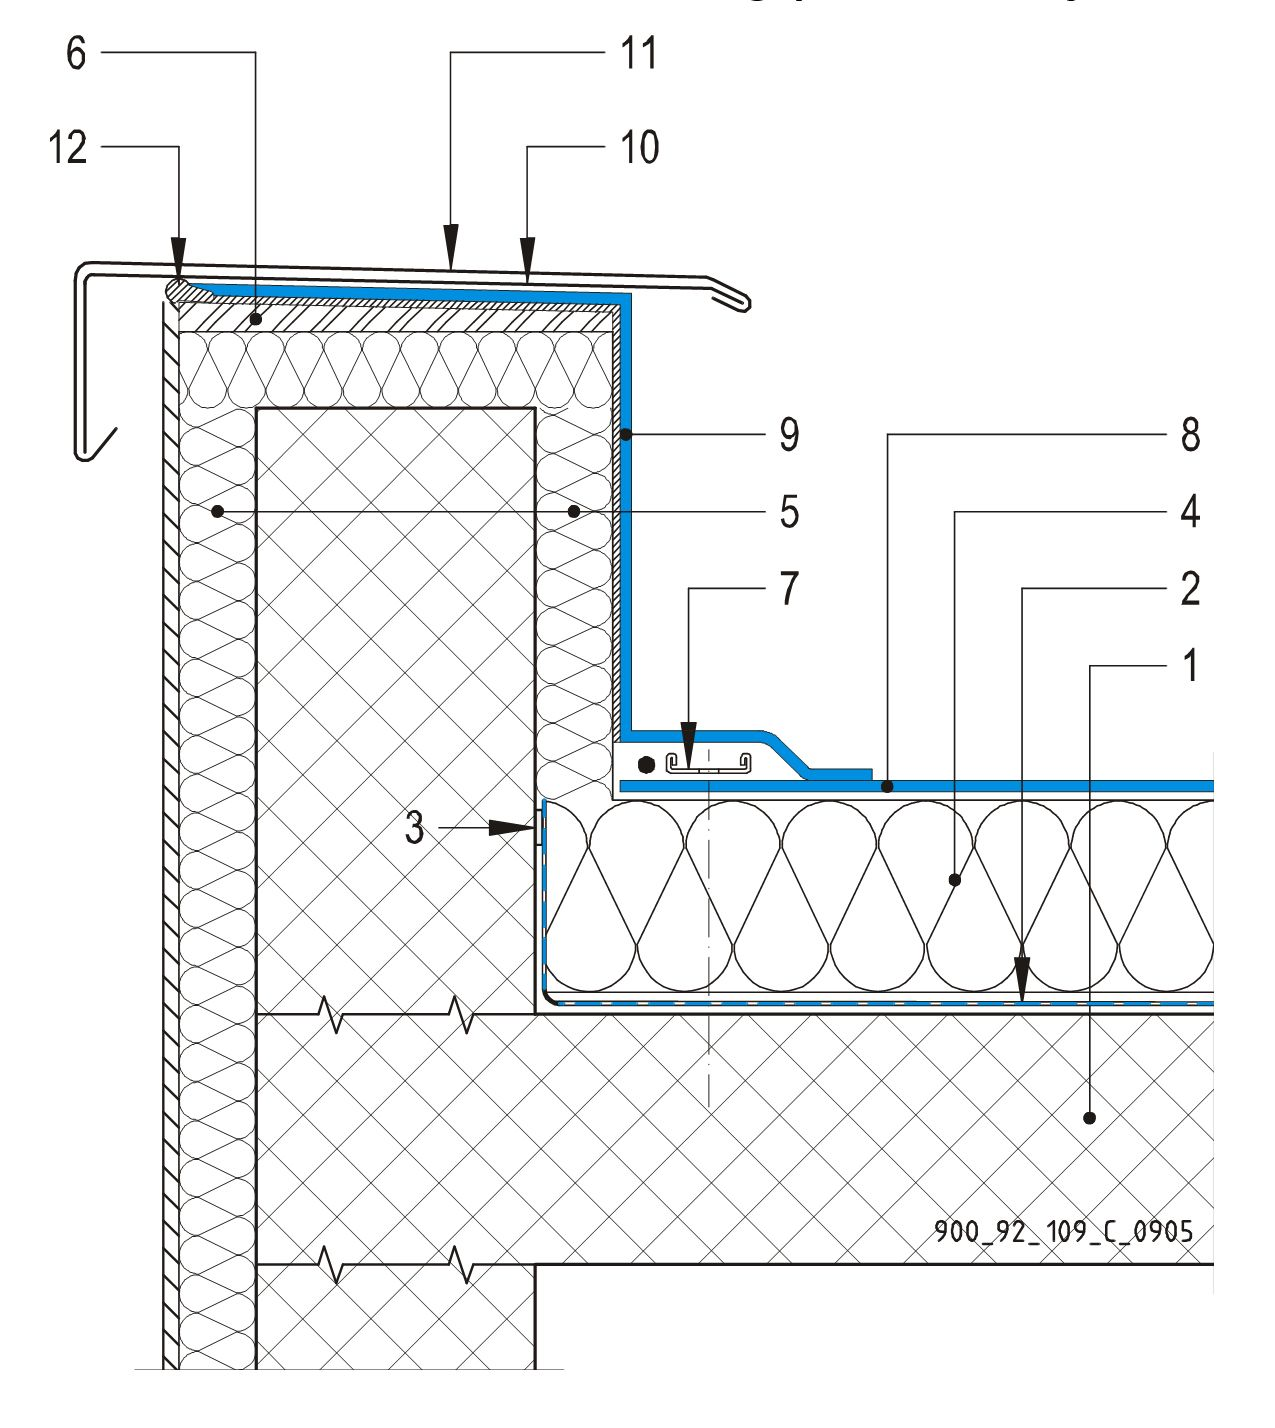 CAD Detalji - sustav mehanički pričvršćenog krova - parapetni zid s metalnom okapnicom